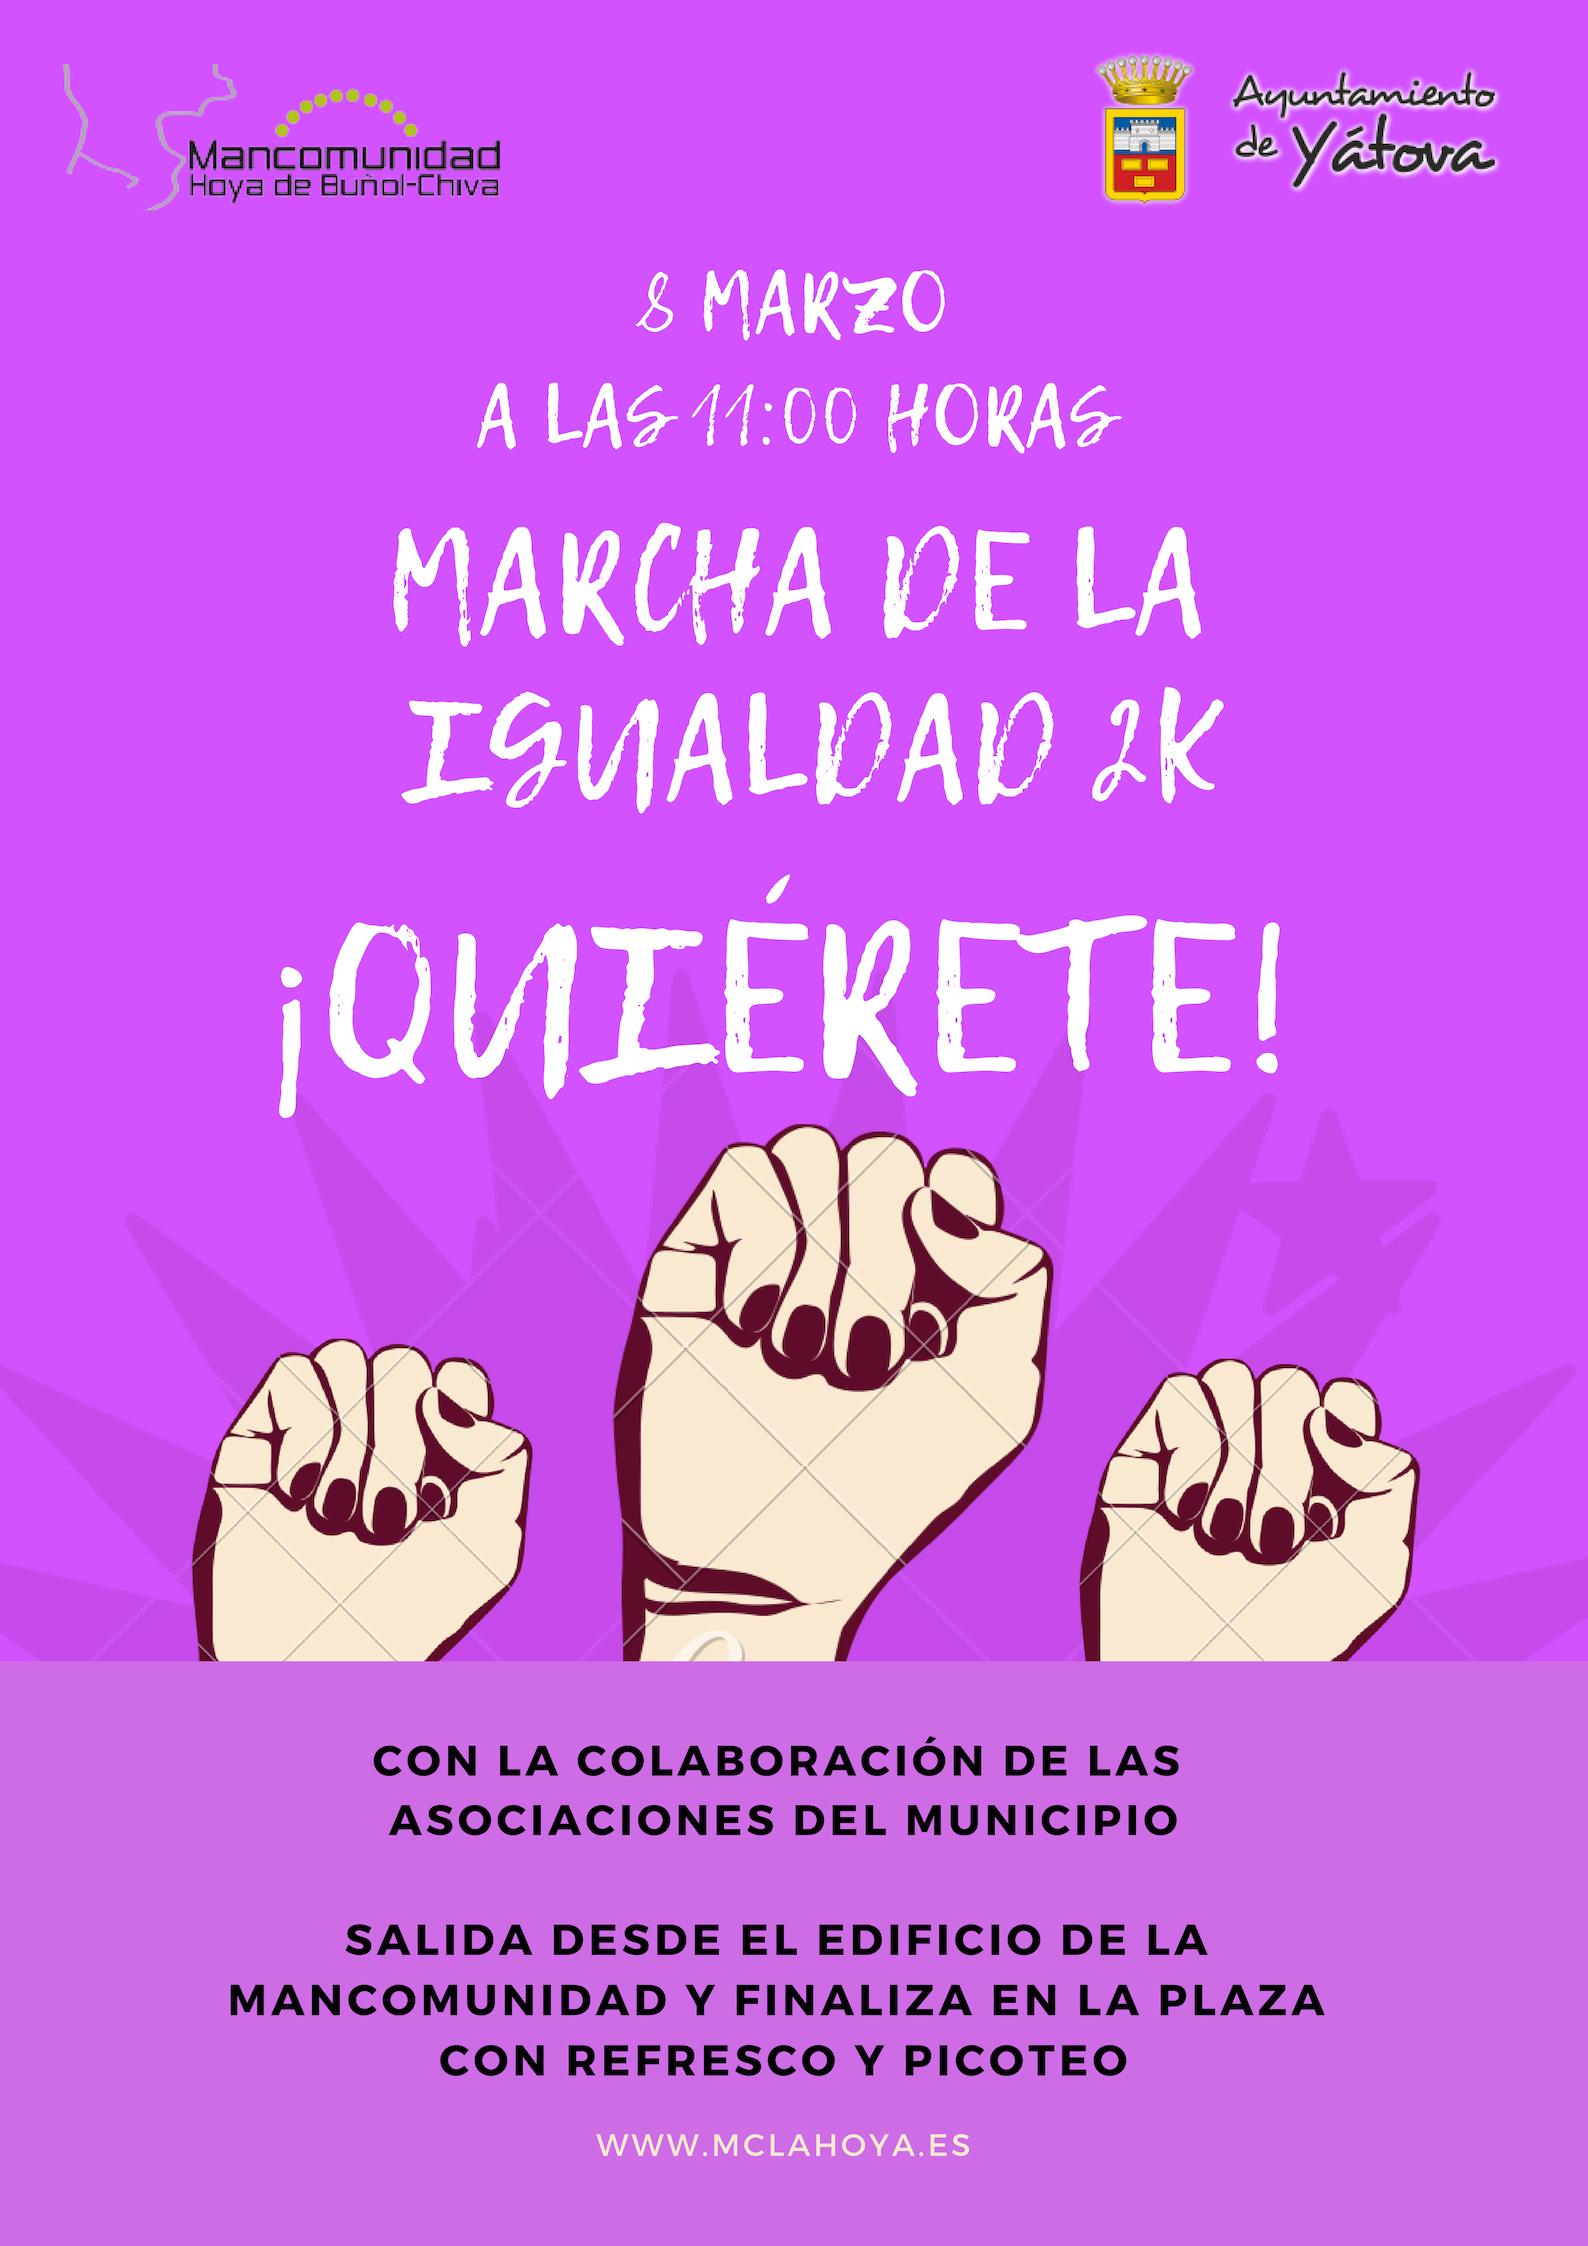 La Mancomunidad organiza una Marcha de la Igualdad el 8 de marzo con motivo del Día Internacional de la Mujer.